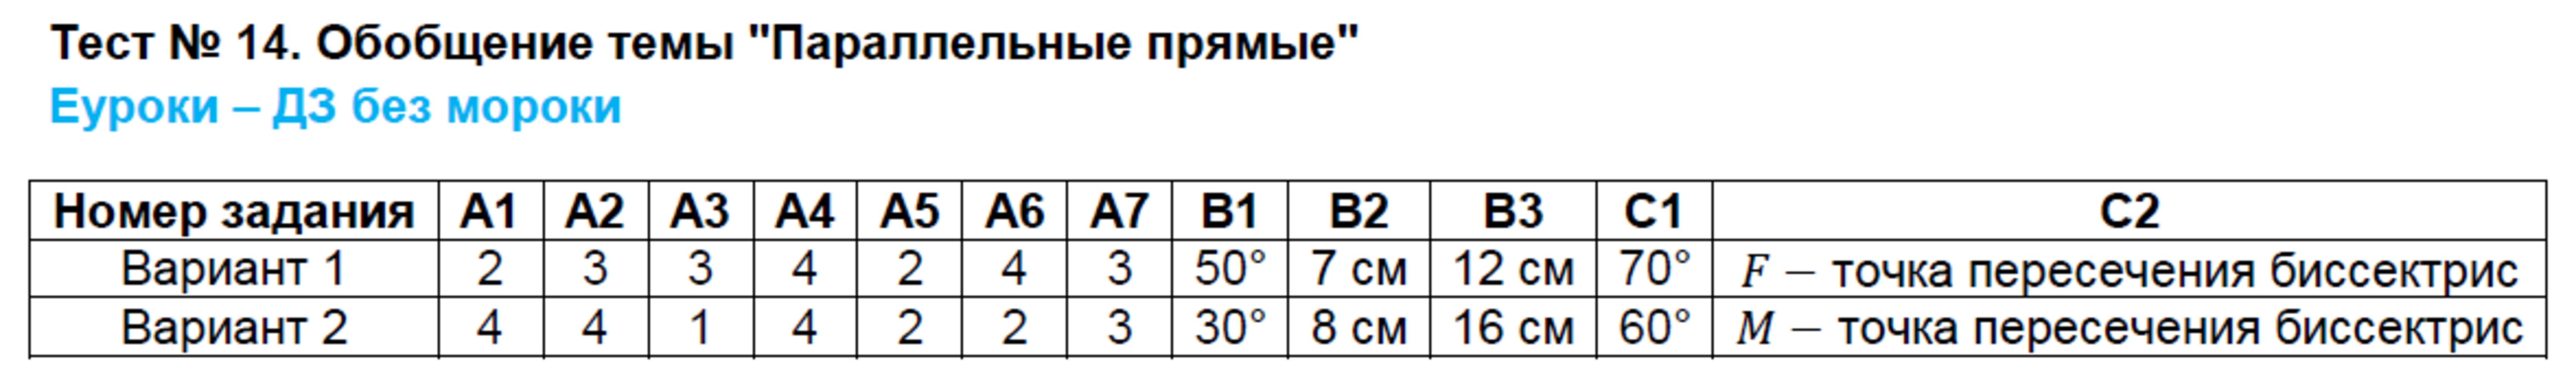 гдз по геометрии контрольно-измерительные материалы 7 класс гаврилова